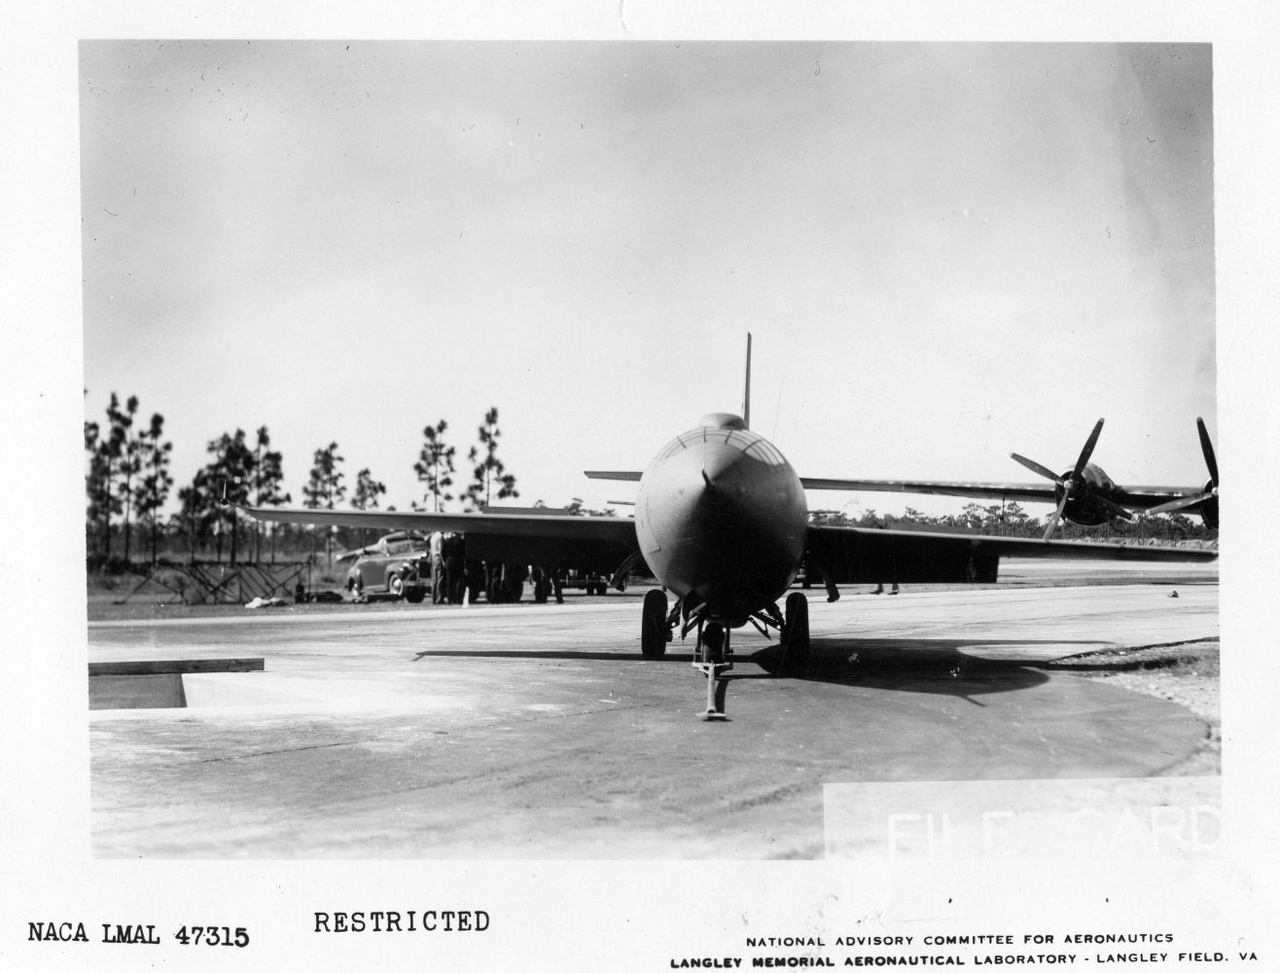 """A Bell X-1 az Edwards légibázison. A program kezdetén egyébként még XS-1 néven hívták a repülőgépet (XS, """"experimental - supersonic"""", avagy kísérleti szuperszonikus). A jelölést később egyszerűsítették X-1-re."""